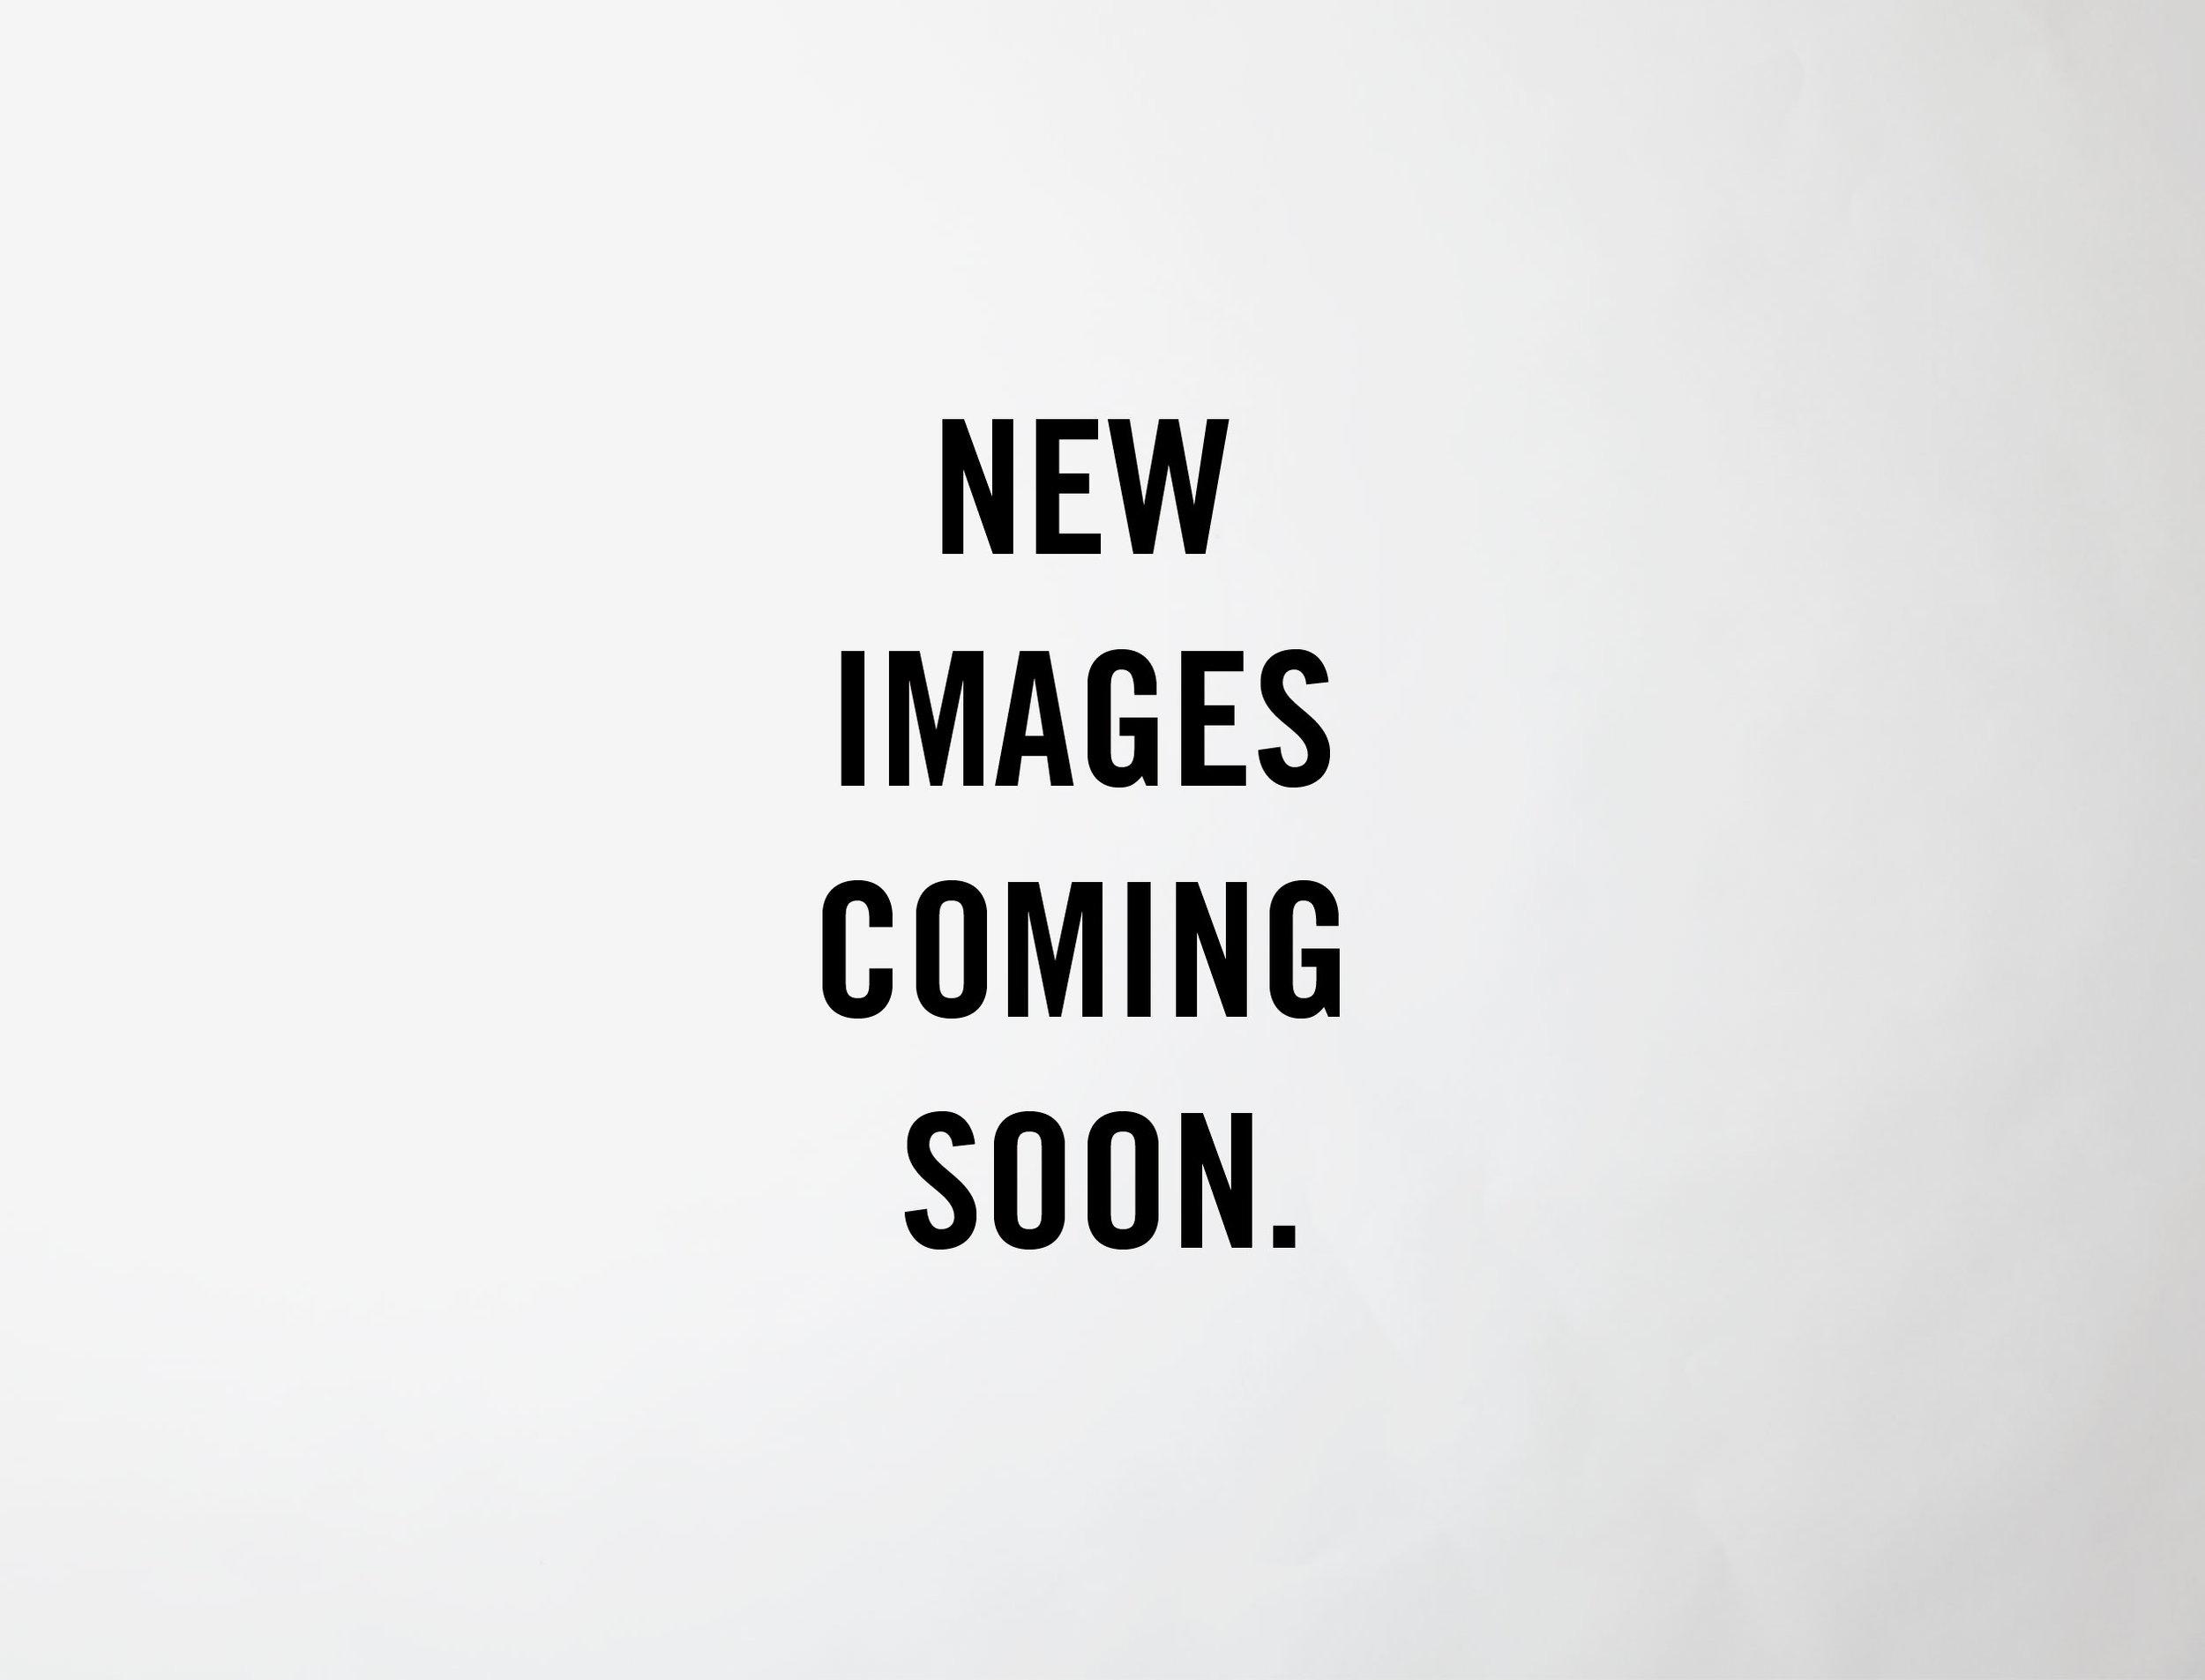 image-coming-soon-1.jpg